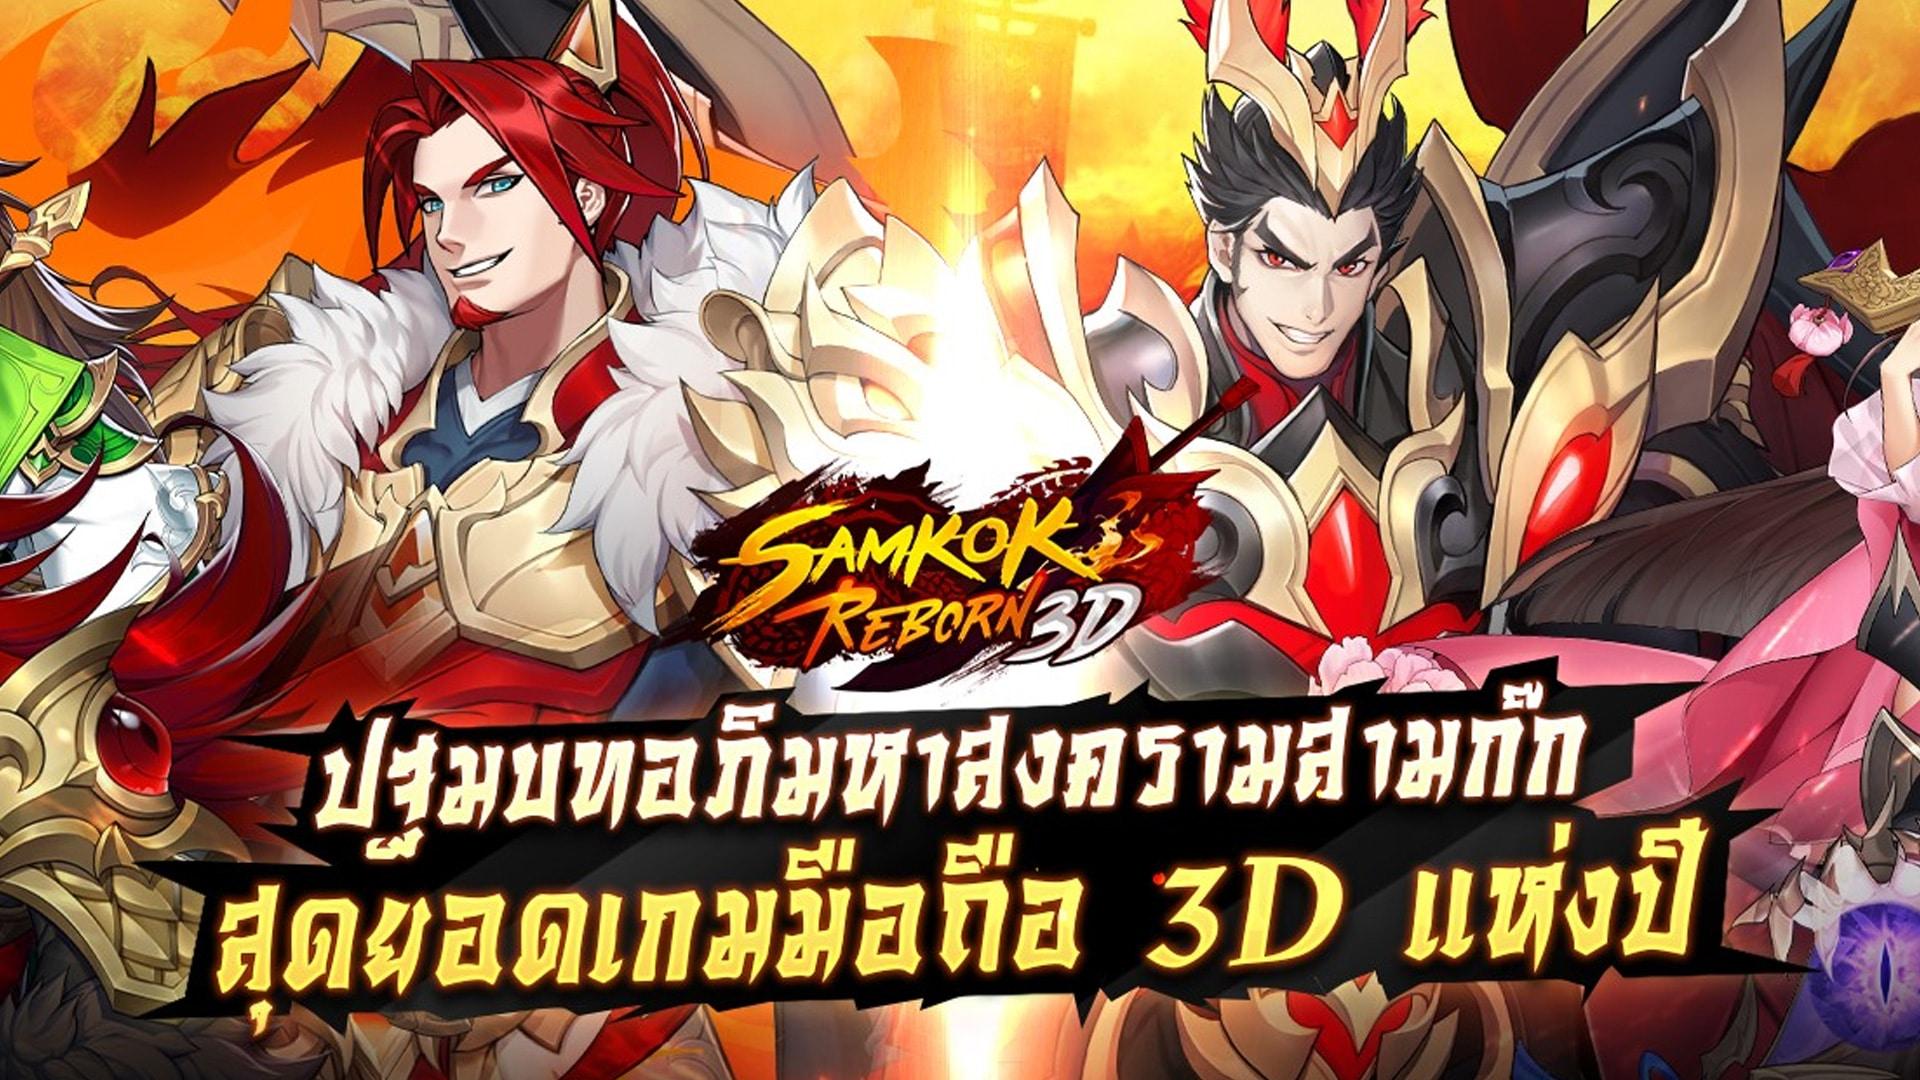 Samkok Reborn 3D